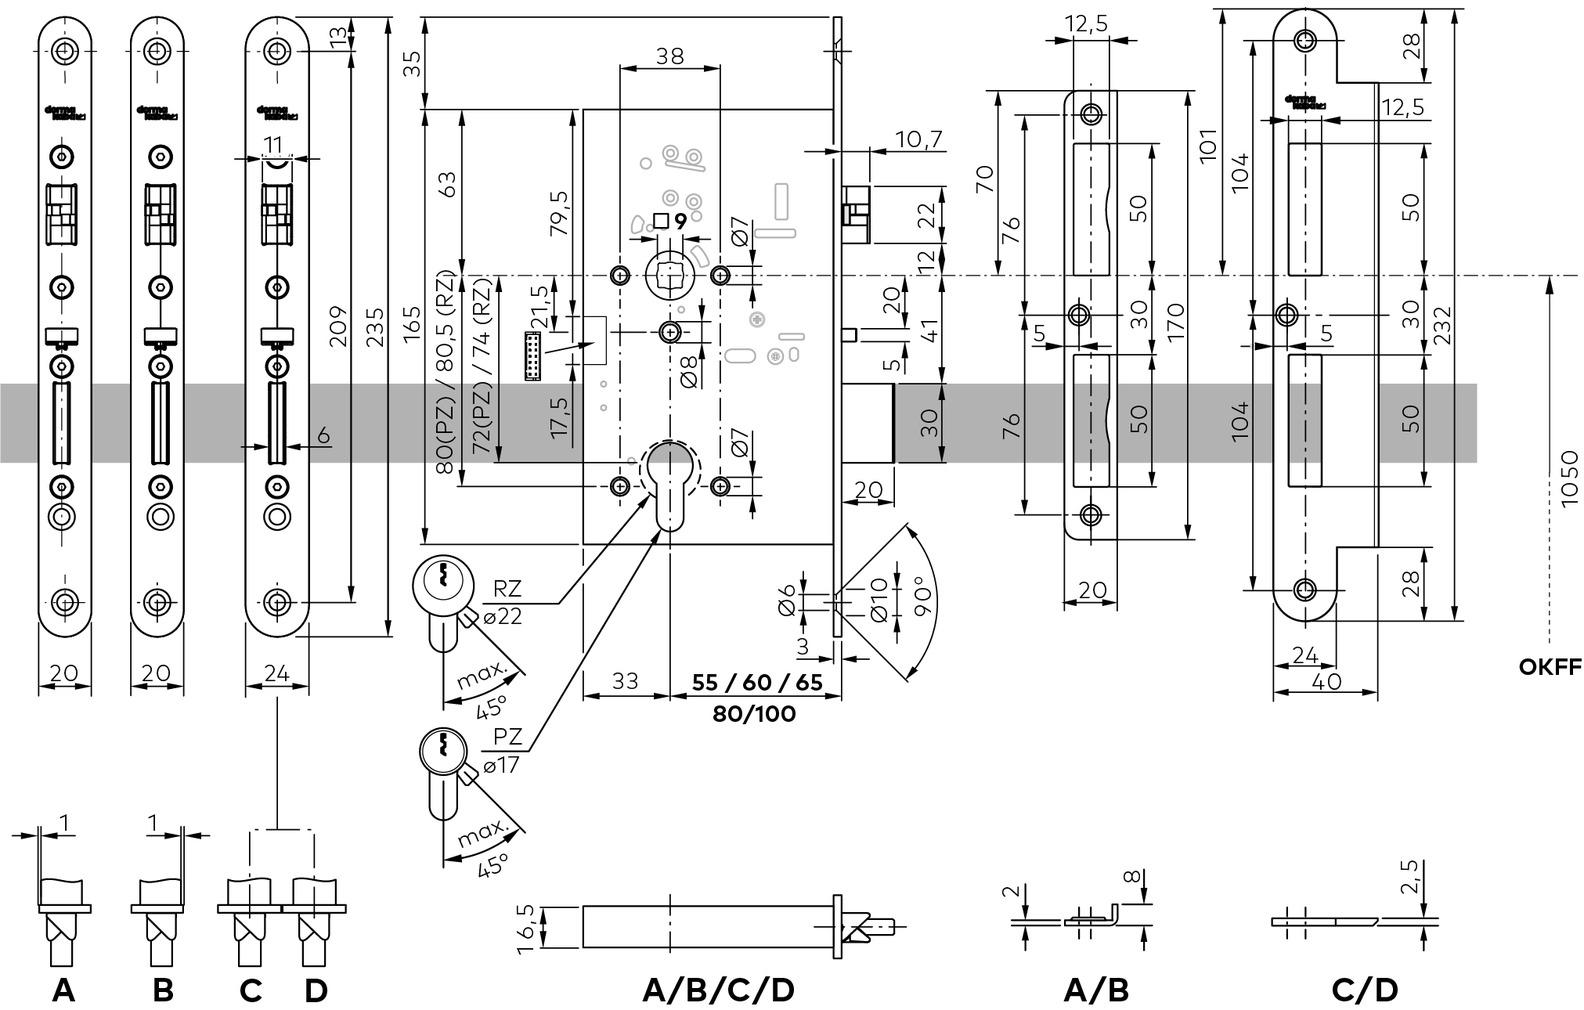 Serrures anti-panique électrique à béquille embrayableet verrouillage automatique dormakaba SVP 6000